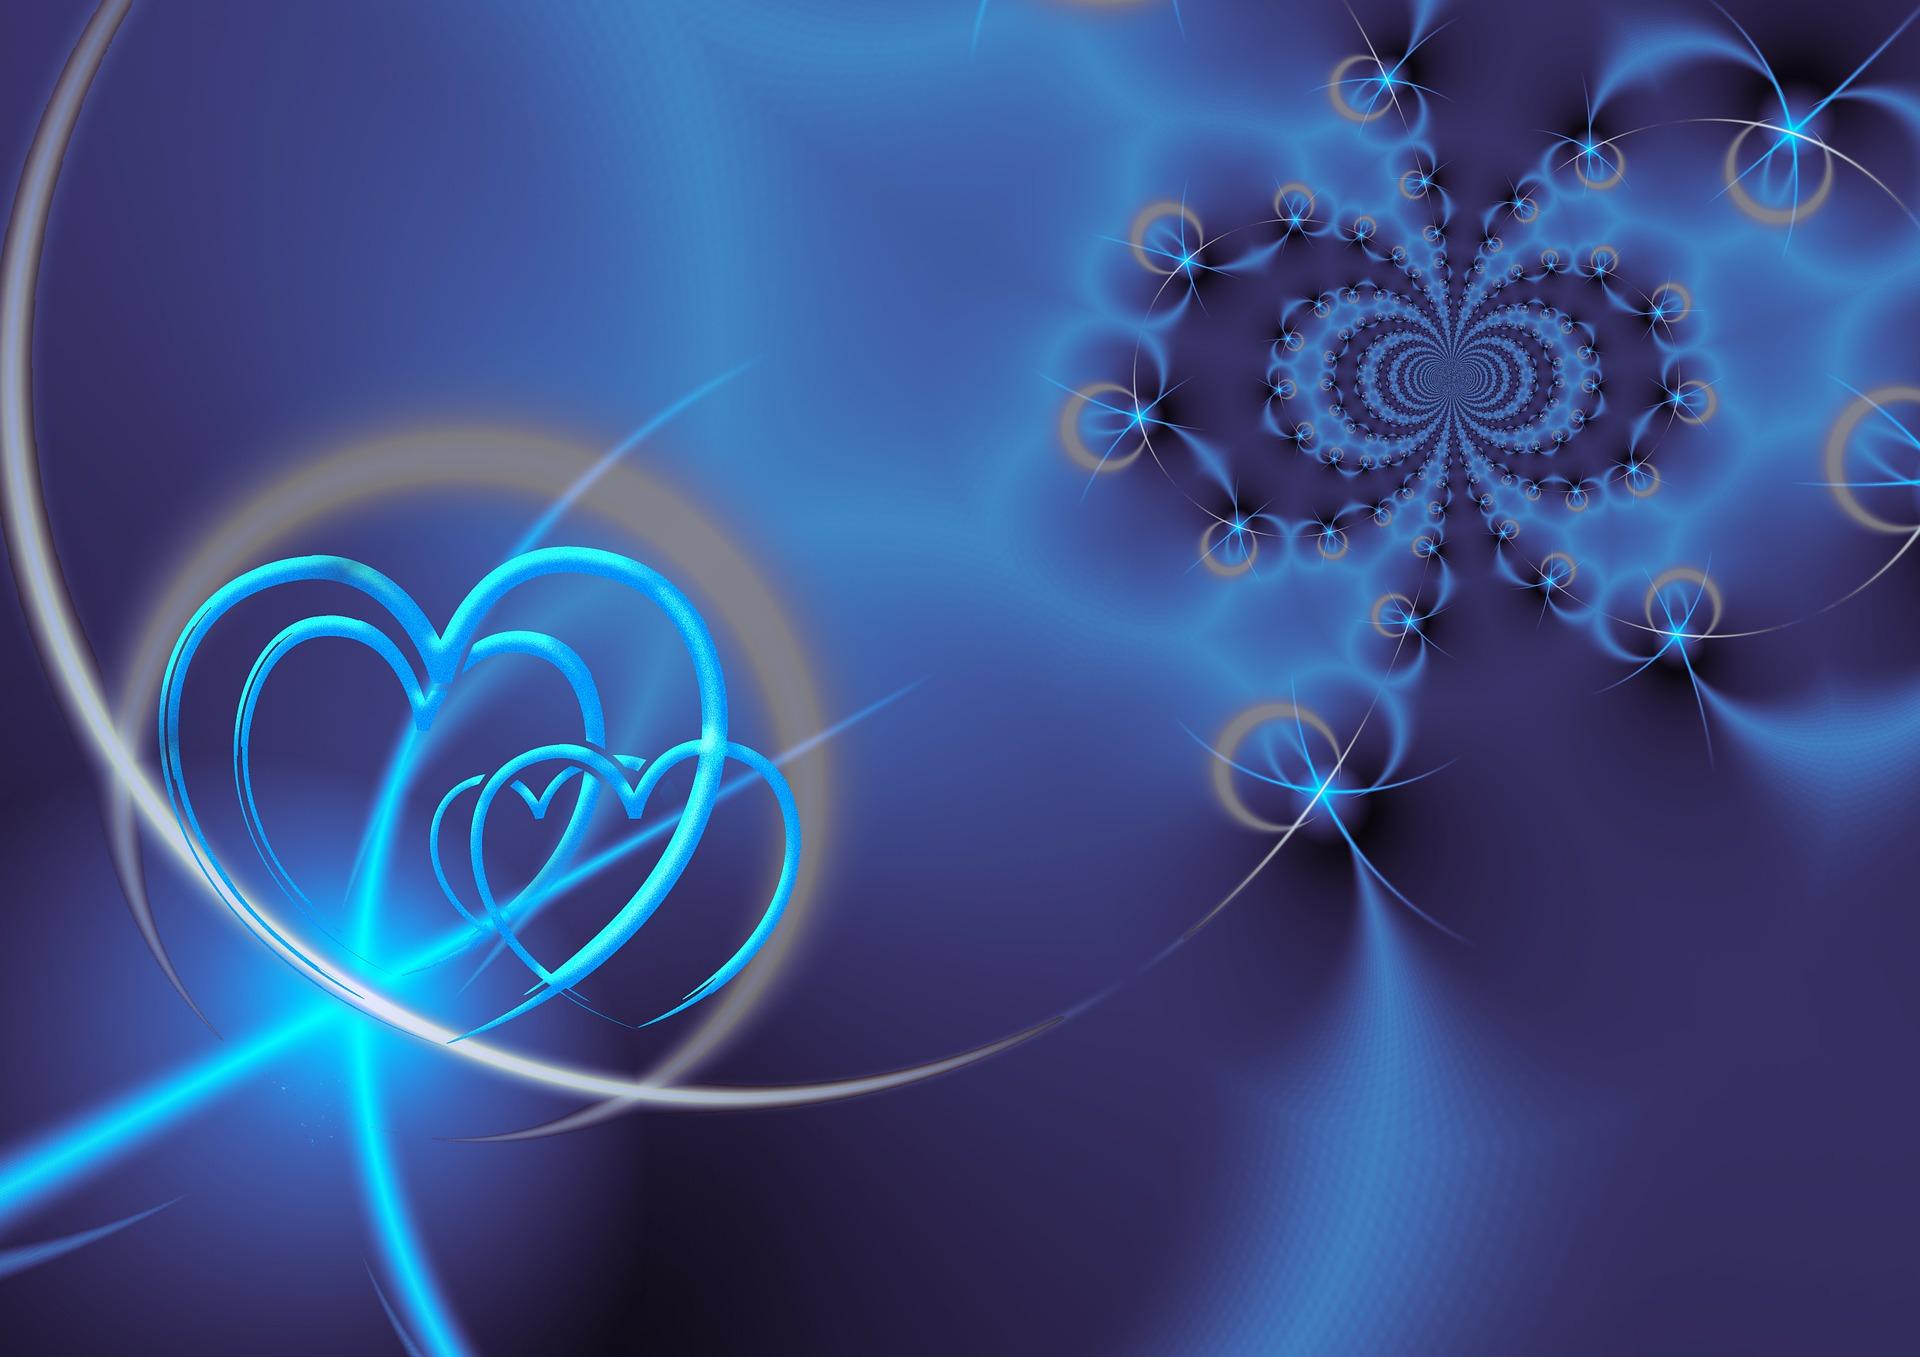 Coeurs bleus entrelacés